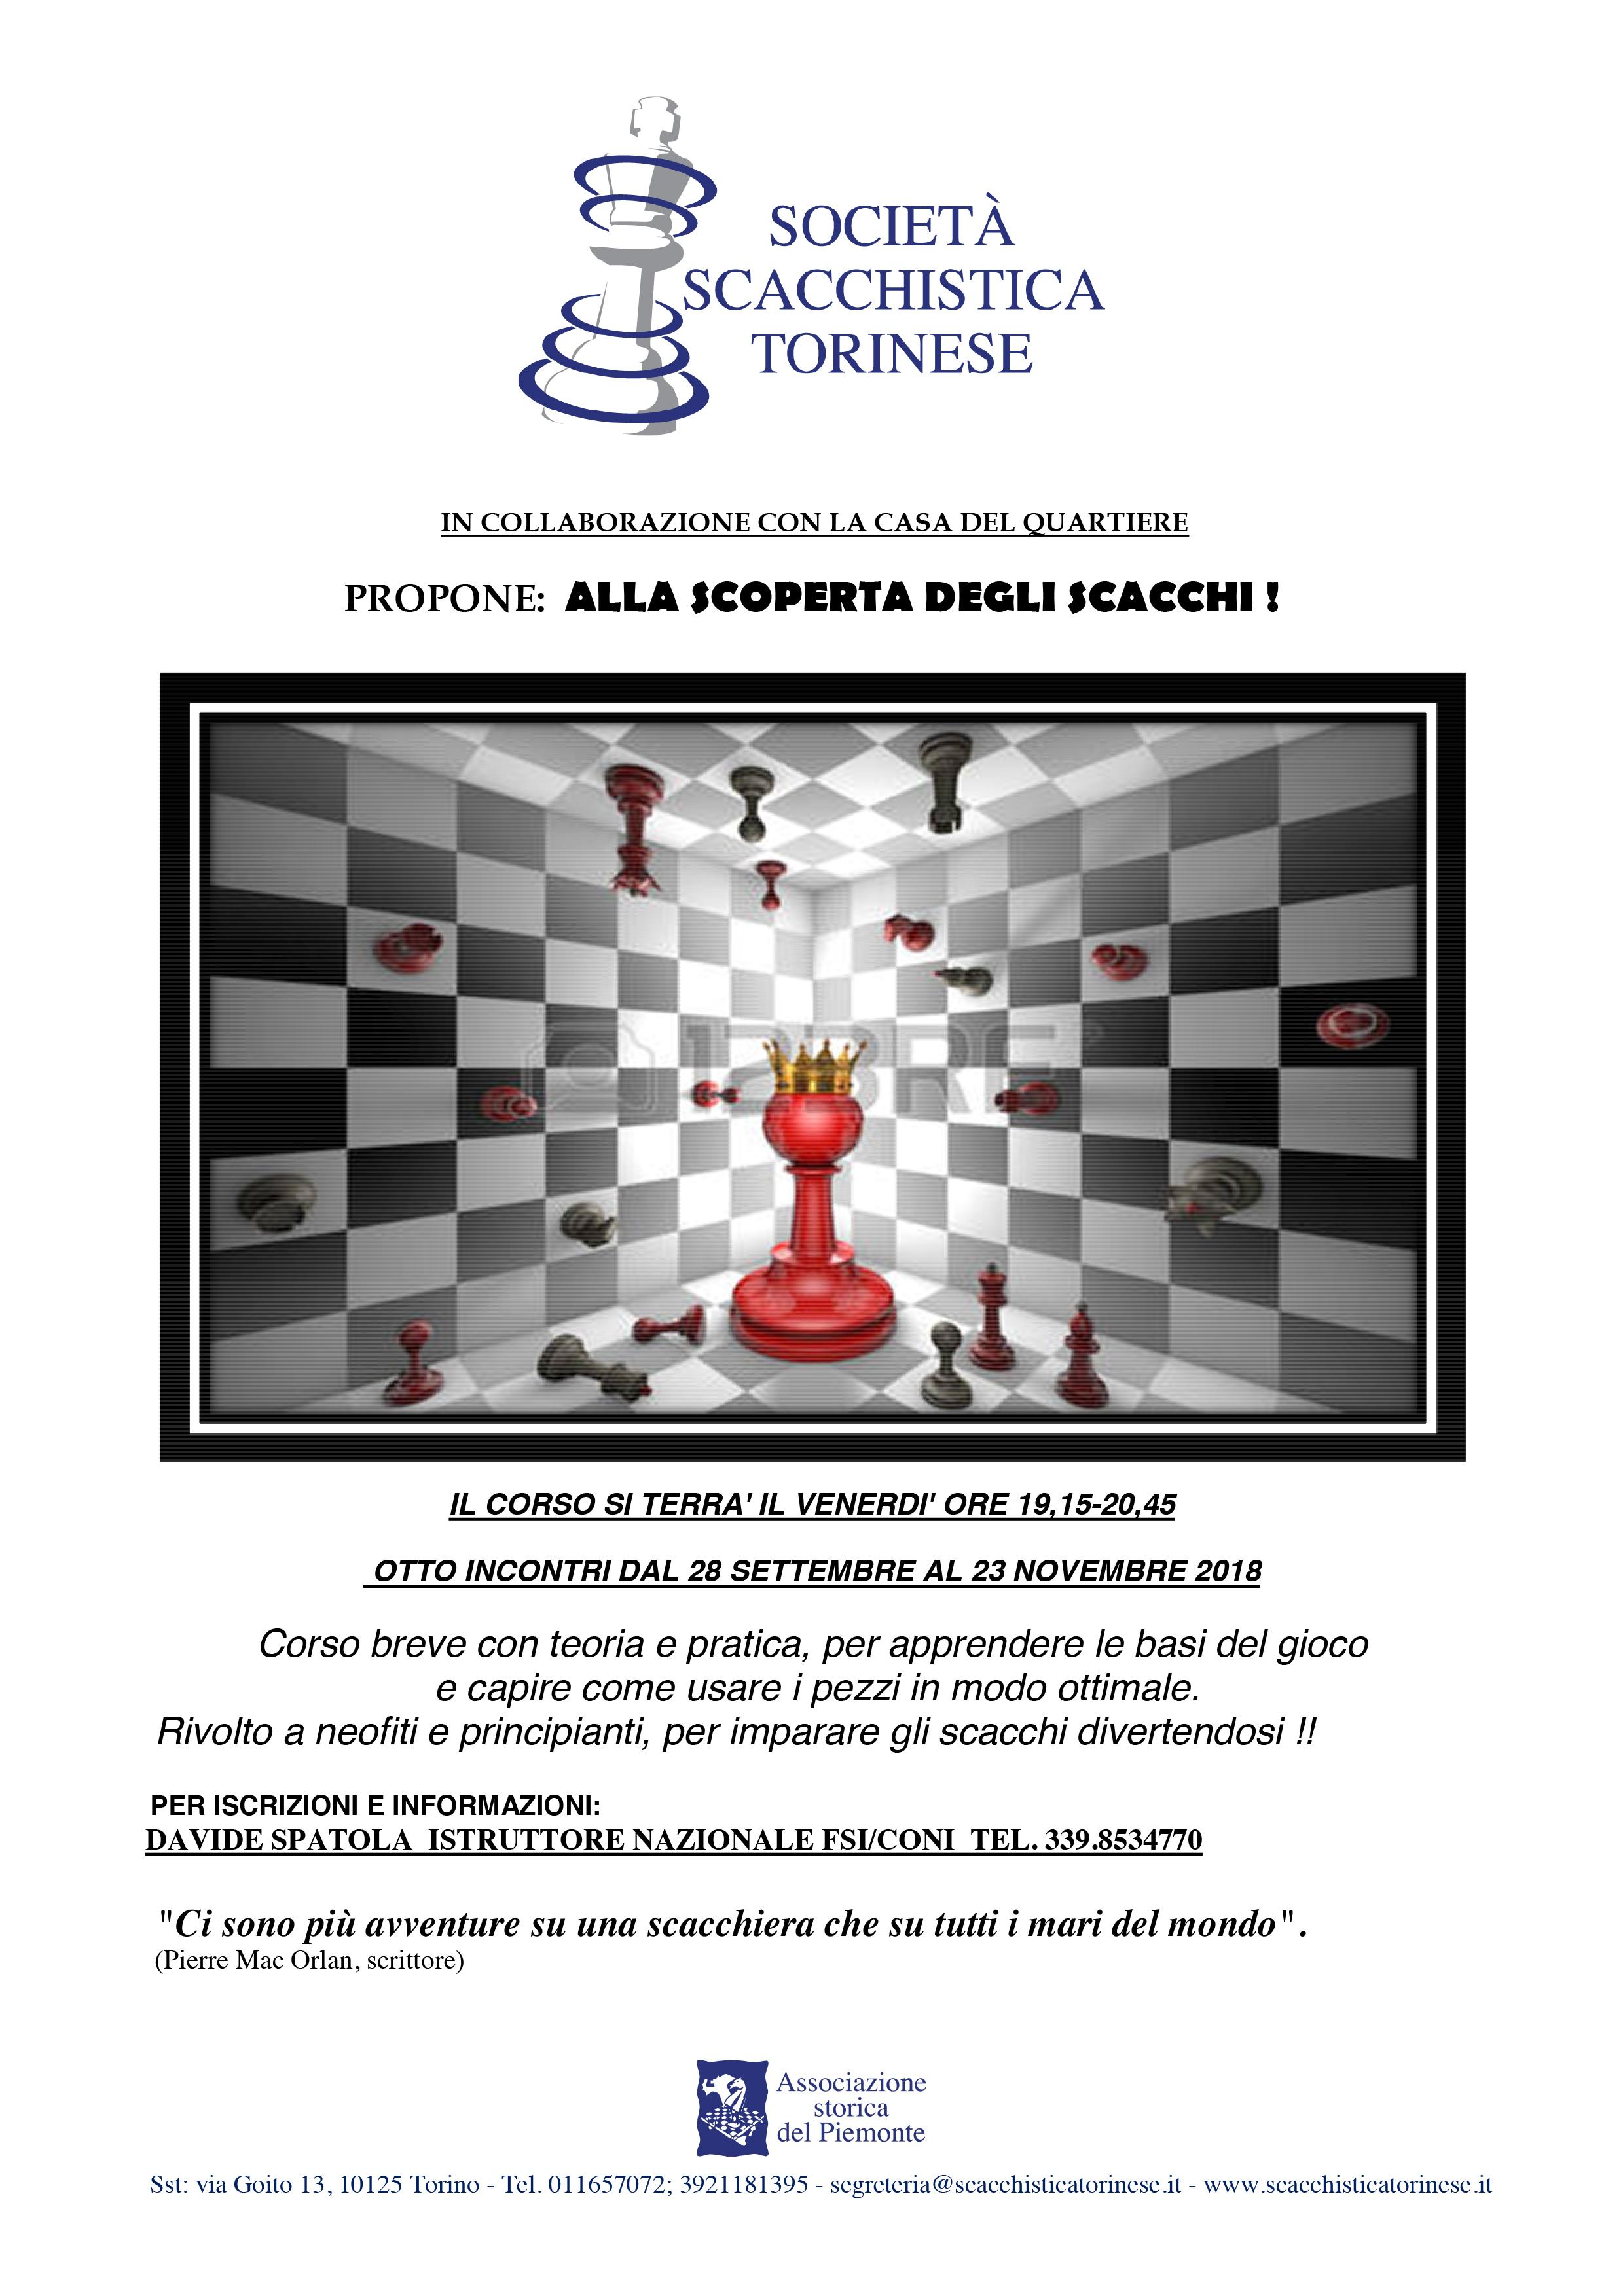 Alla scoperta degli scacchi